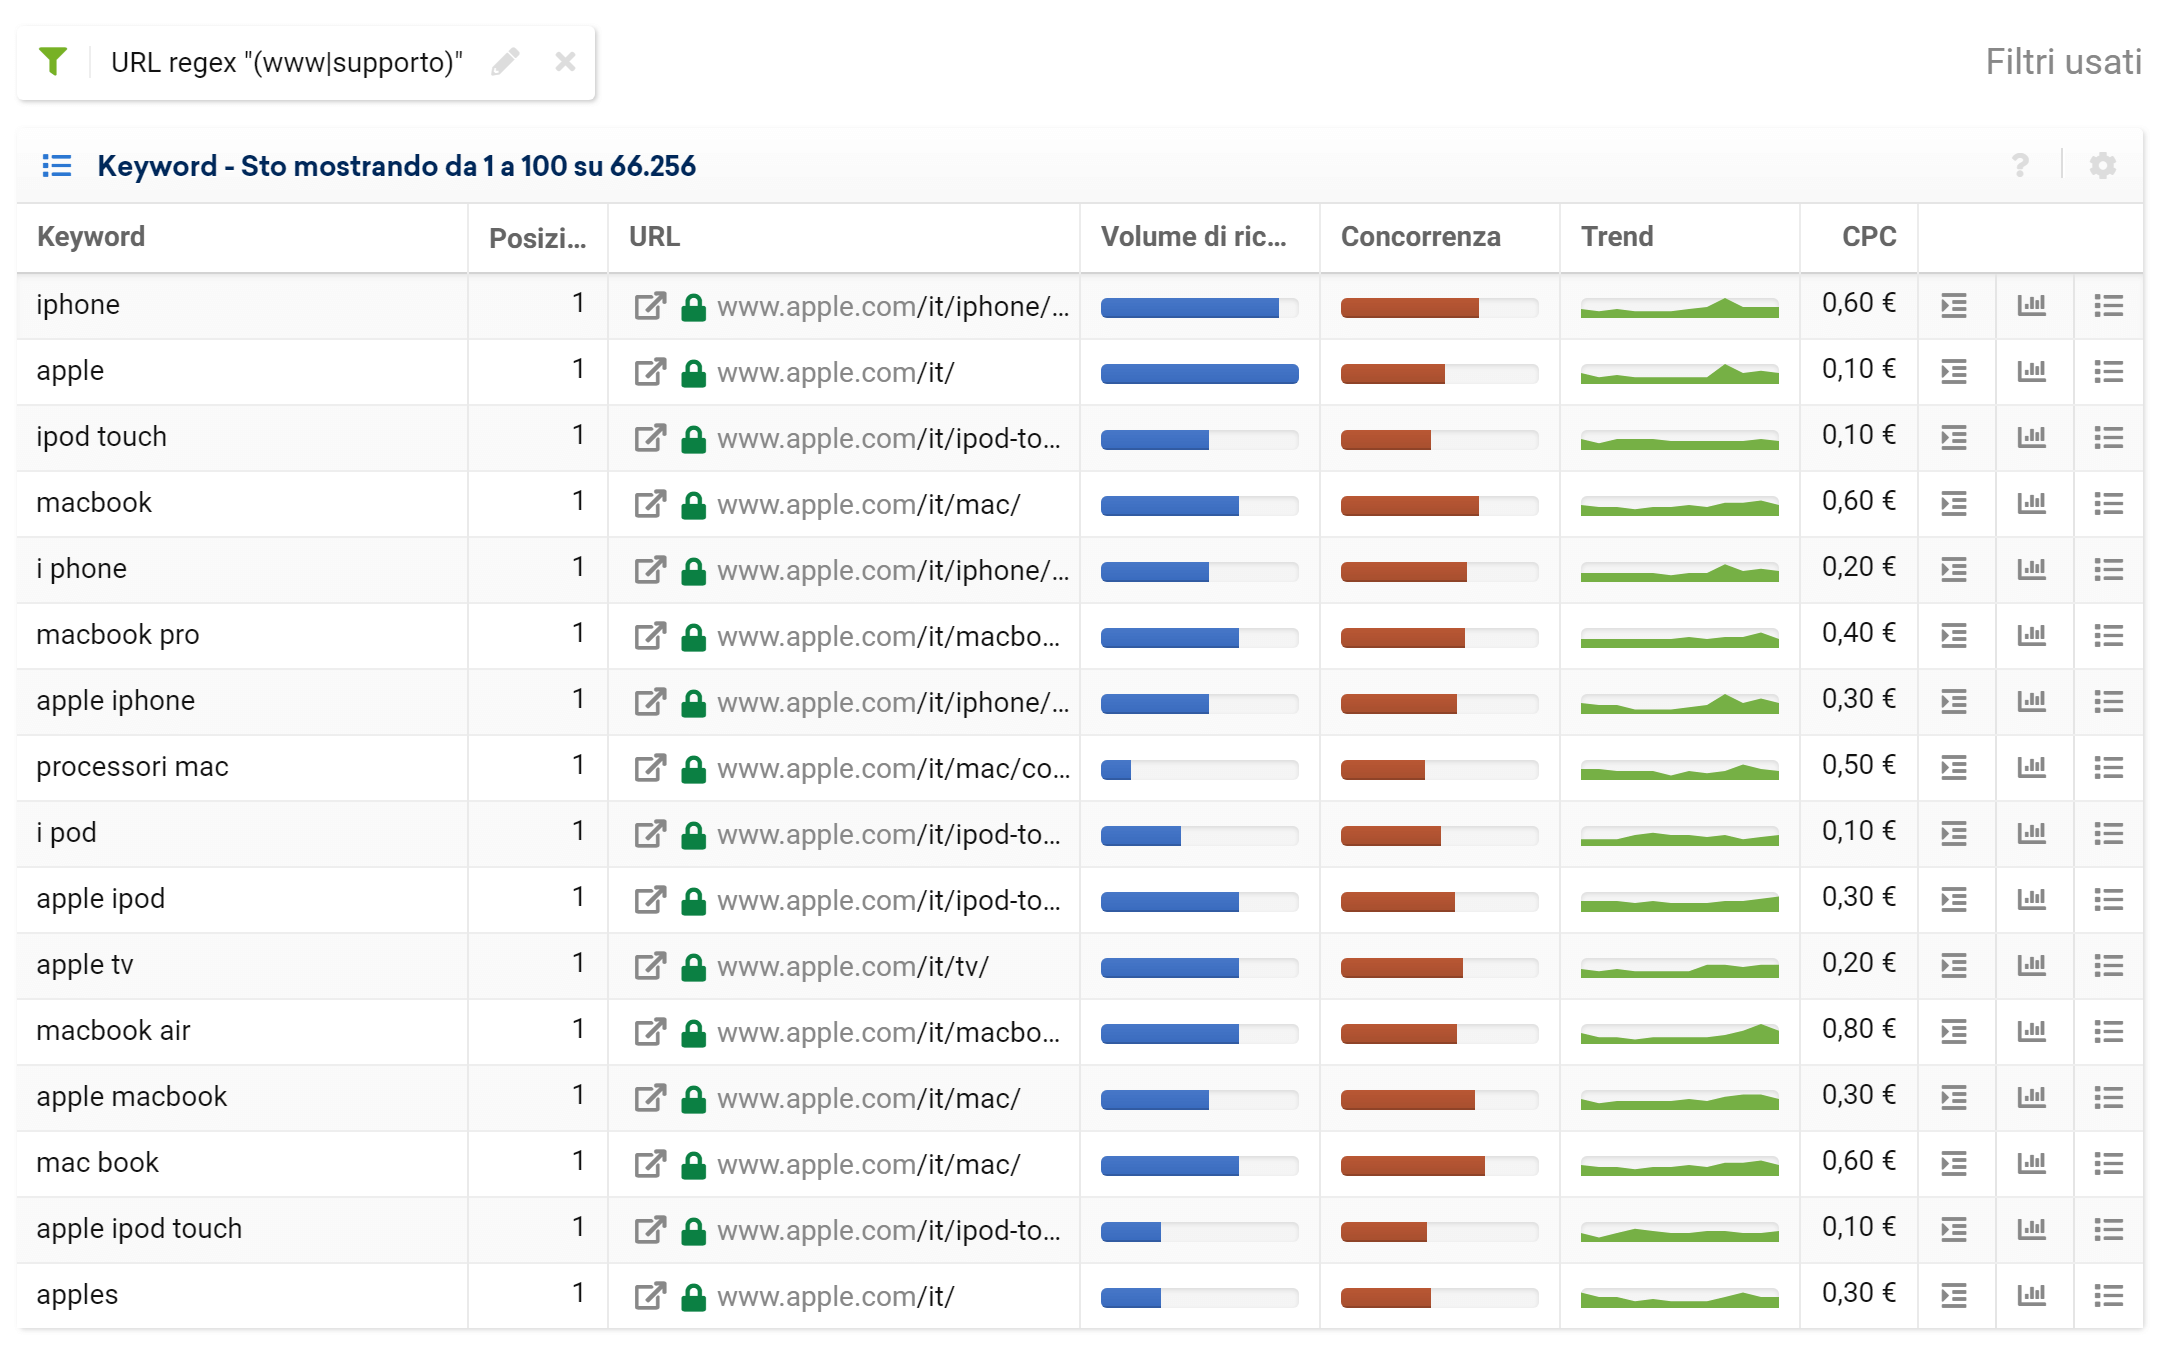 Toolbox SISTRIX: regex per keyword in URL